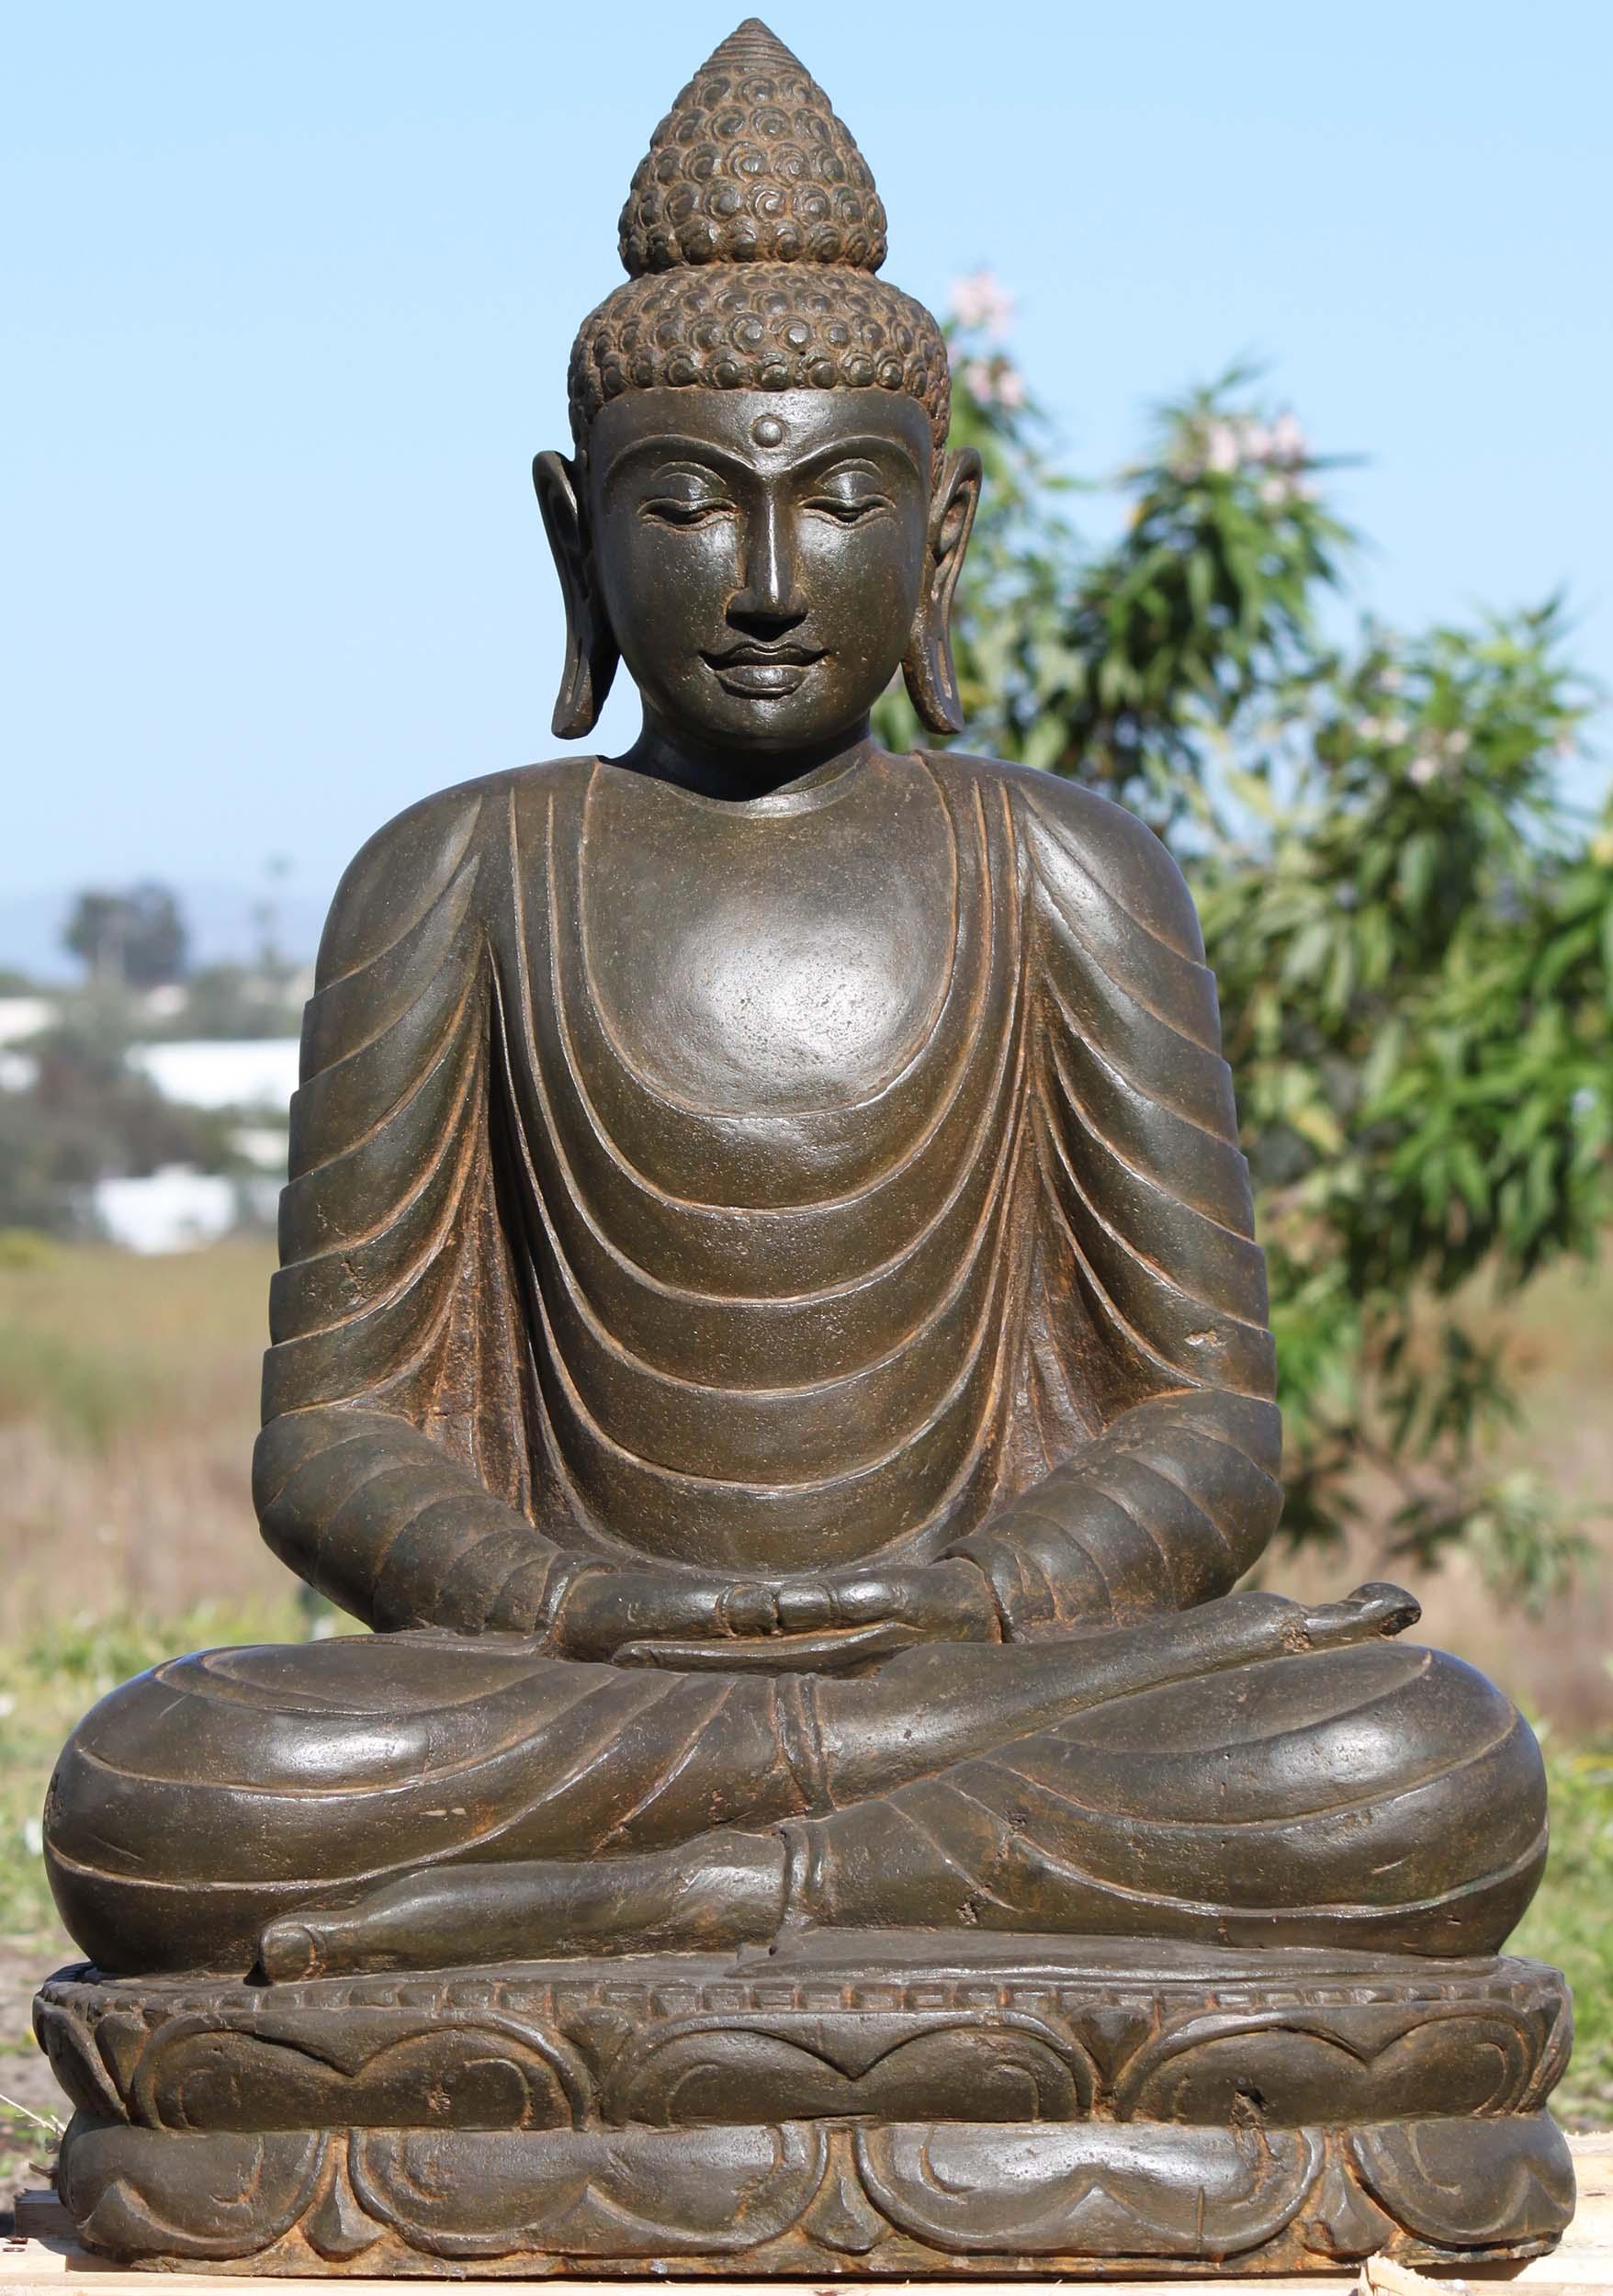 Stone garden buddha meditating statue 32 102ls391 hindu gods stone garden buddha meditating statue 32 workwithnaturefo